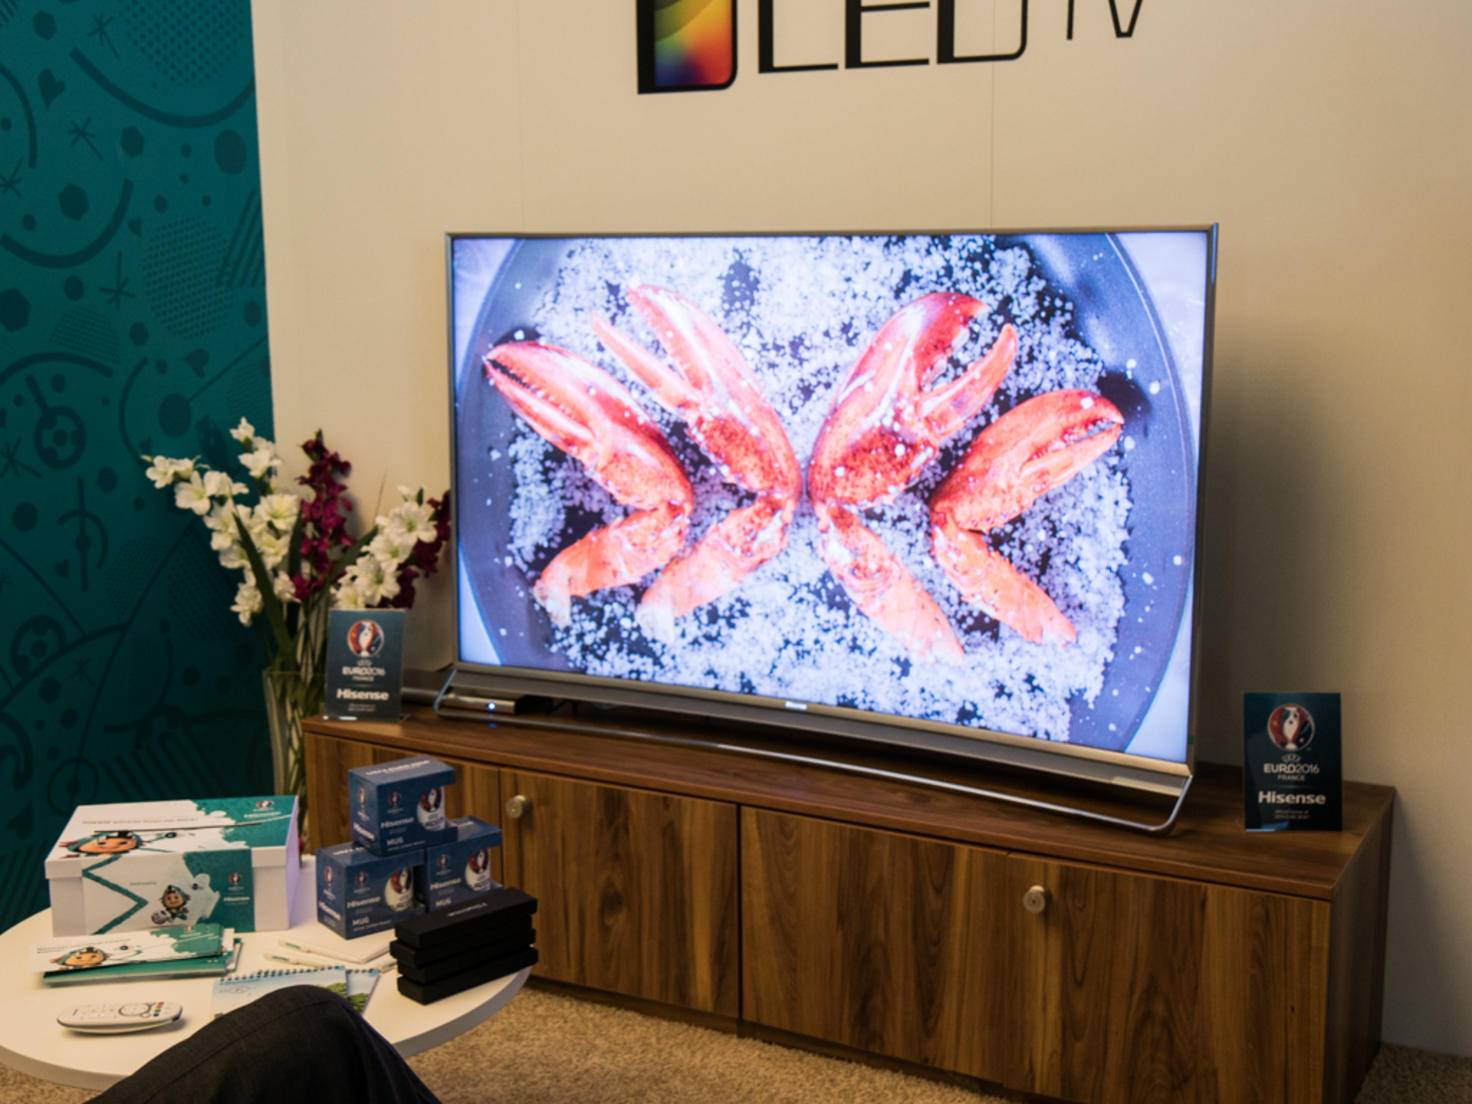 Auch die Chinesen von Hisense wollen mit den neuesten Technologien punkten.